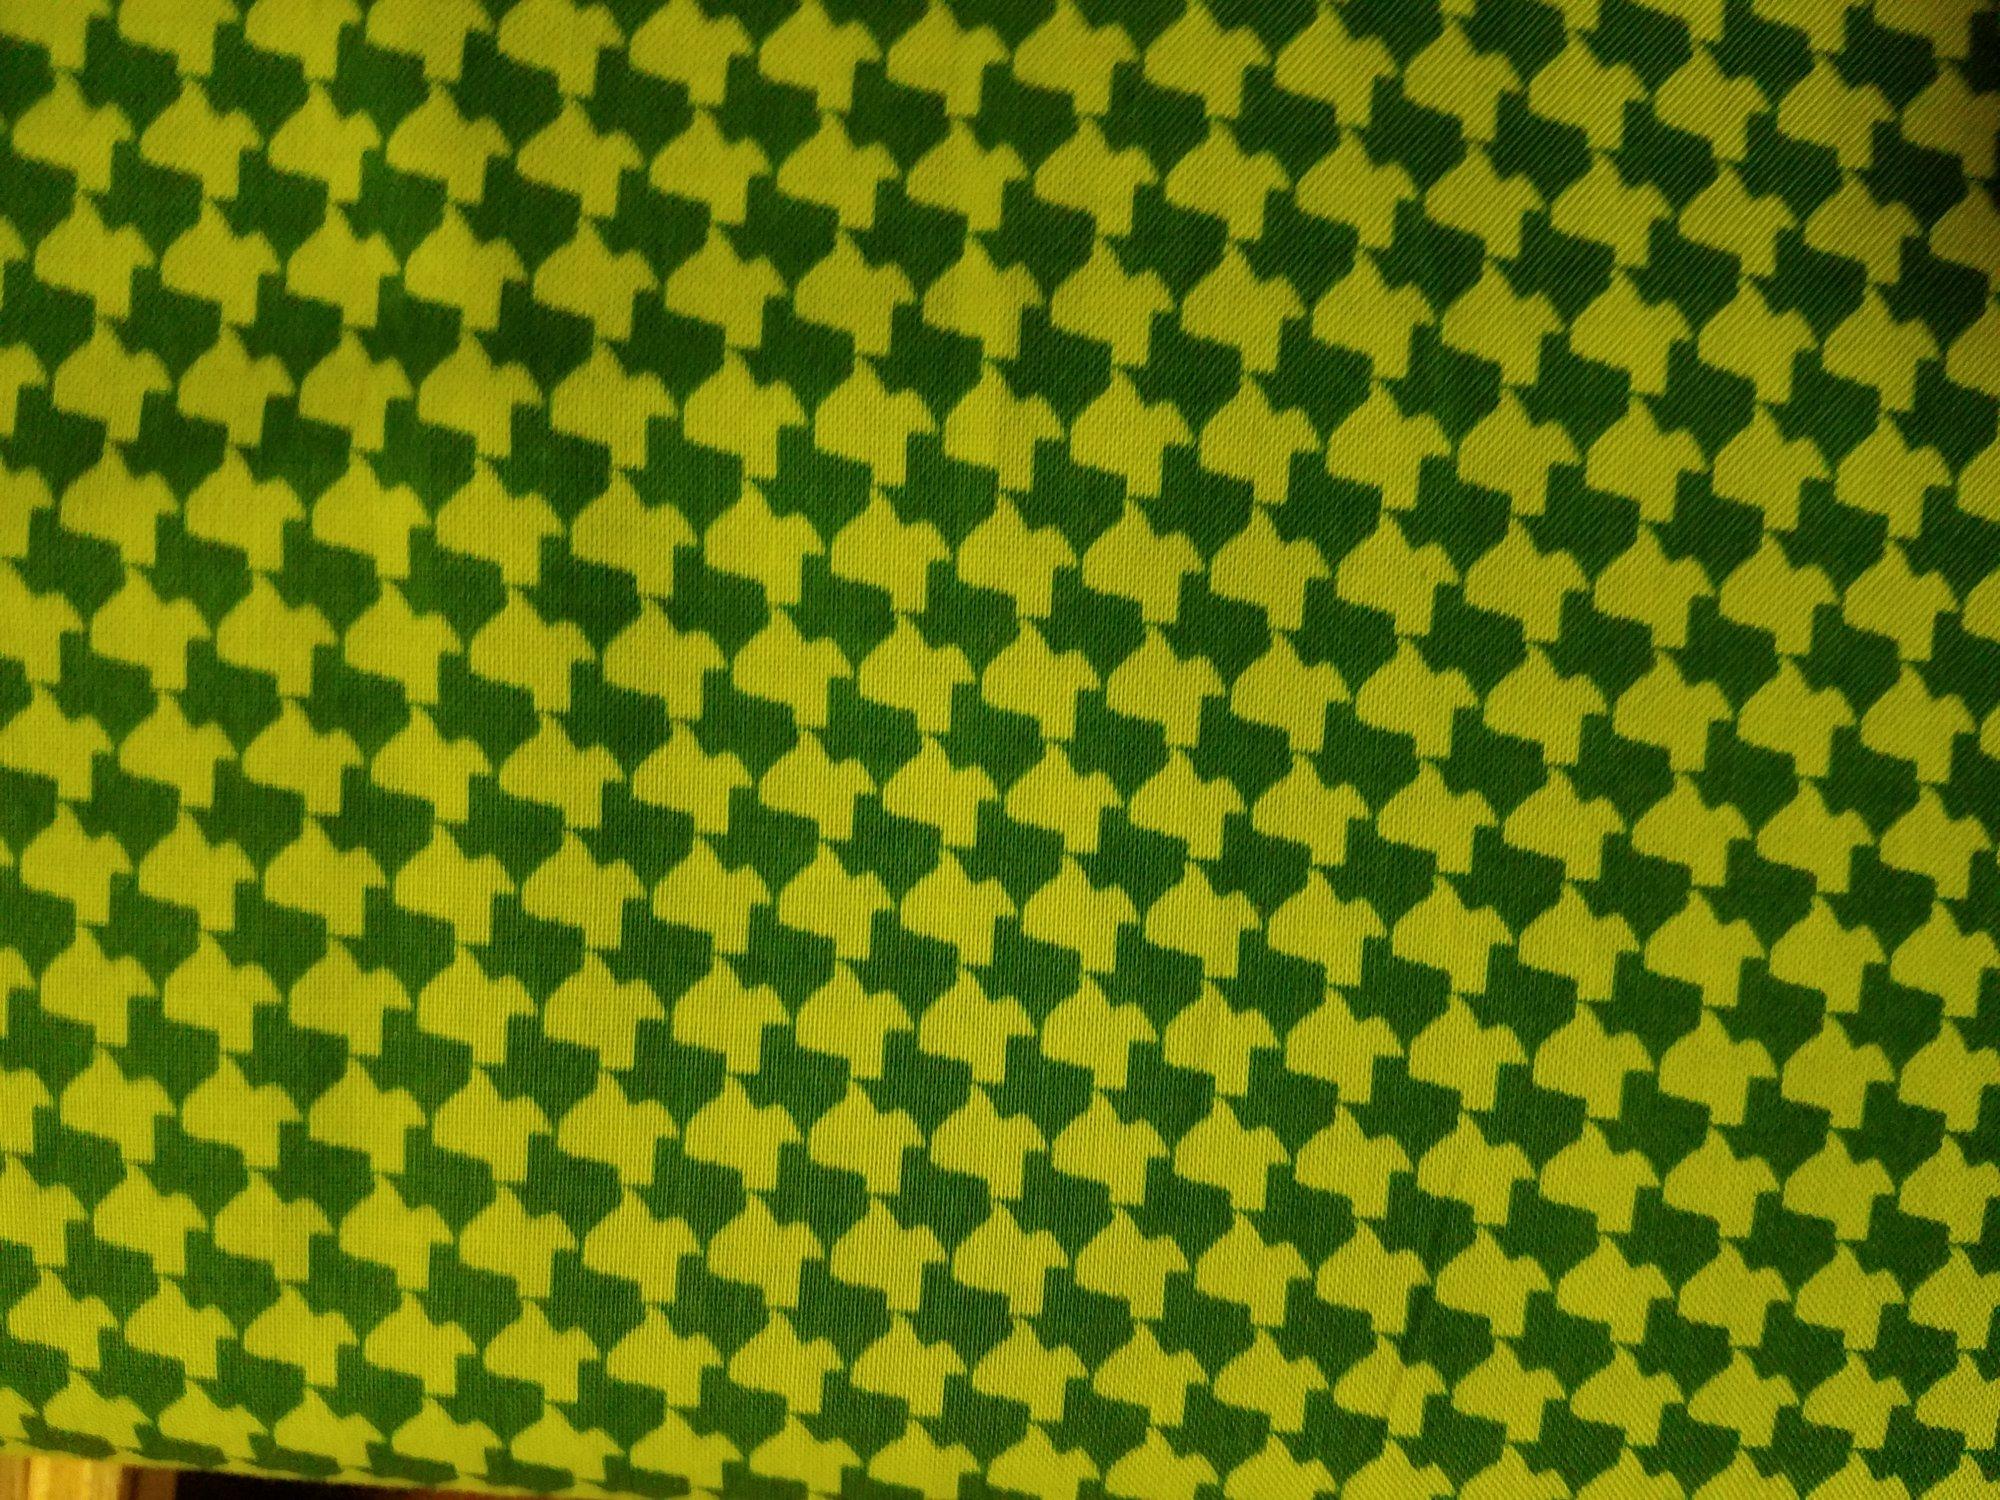 93417 Quilt Across Texas Green